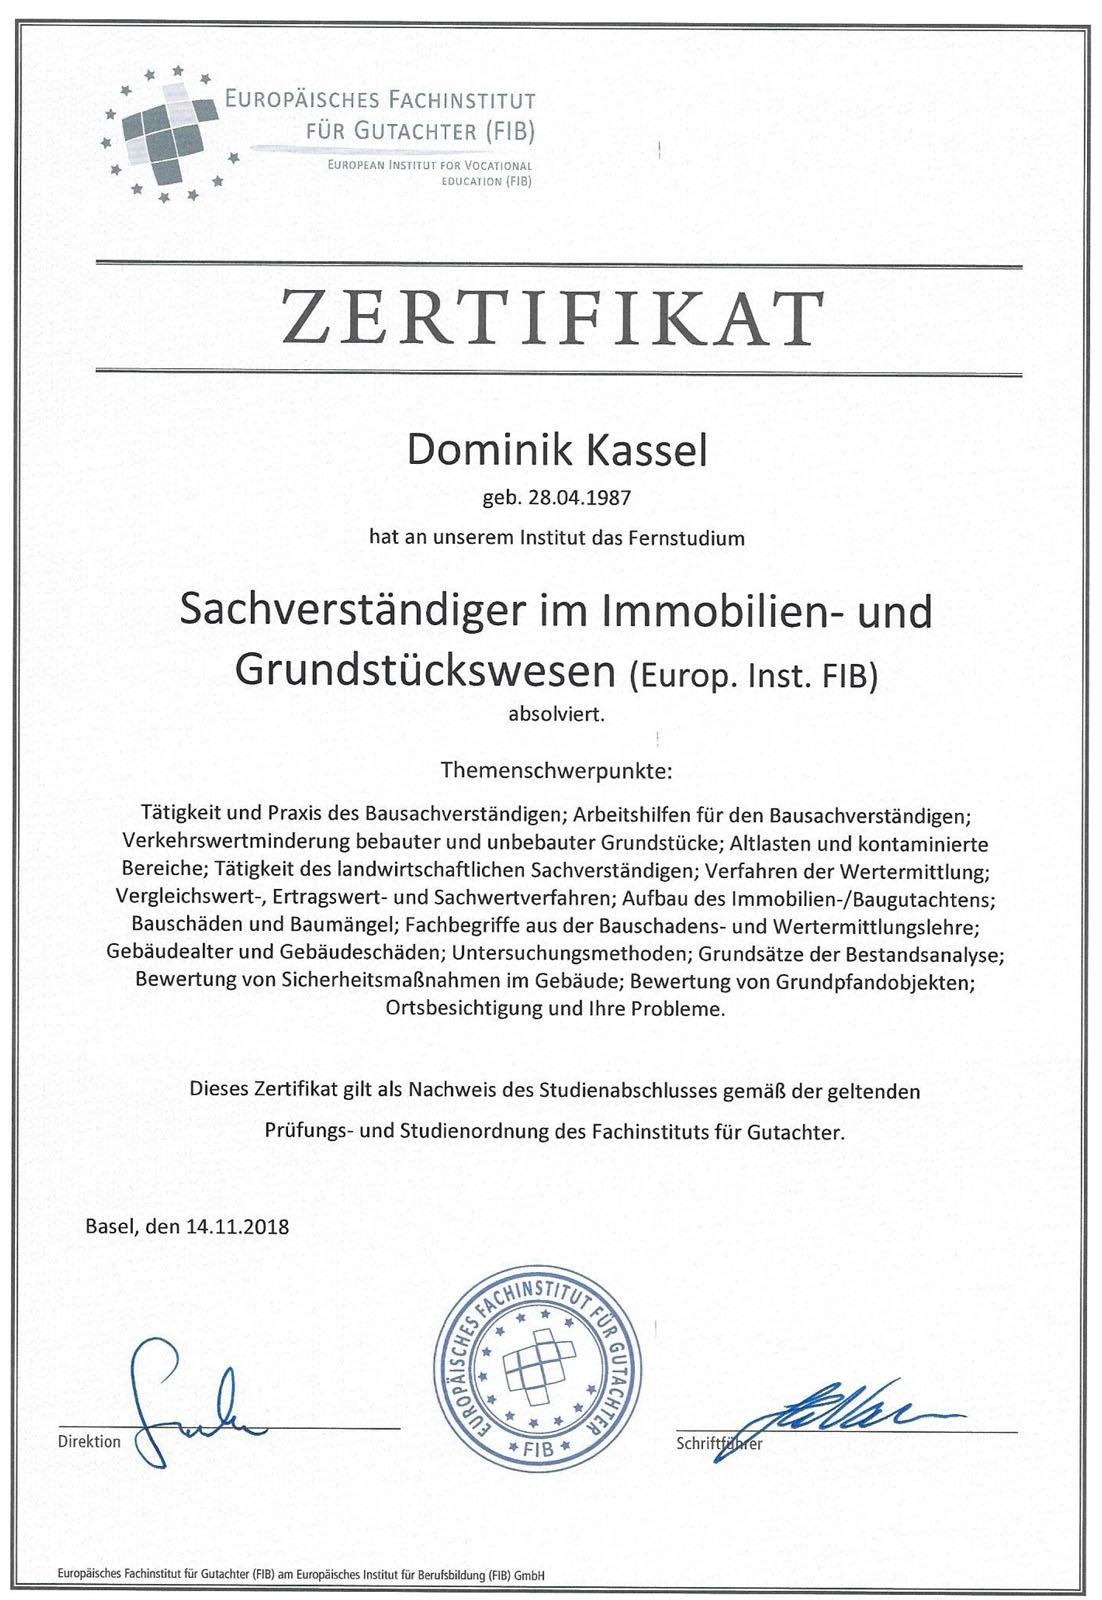 Zertifikate Dominik Kassel - Sachverständiger für Immobilienbewertung